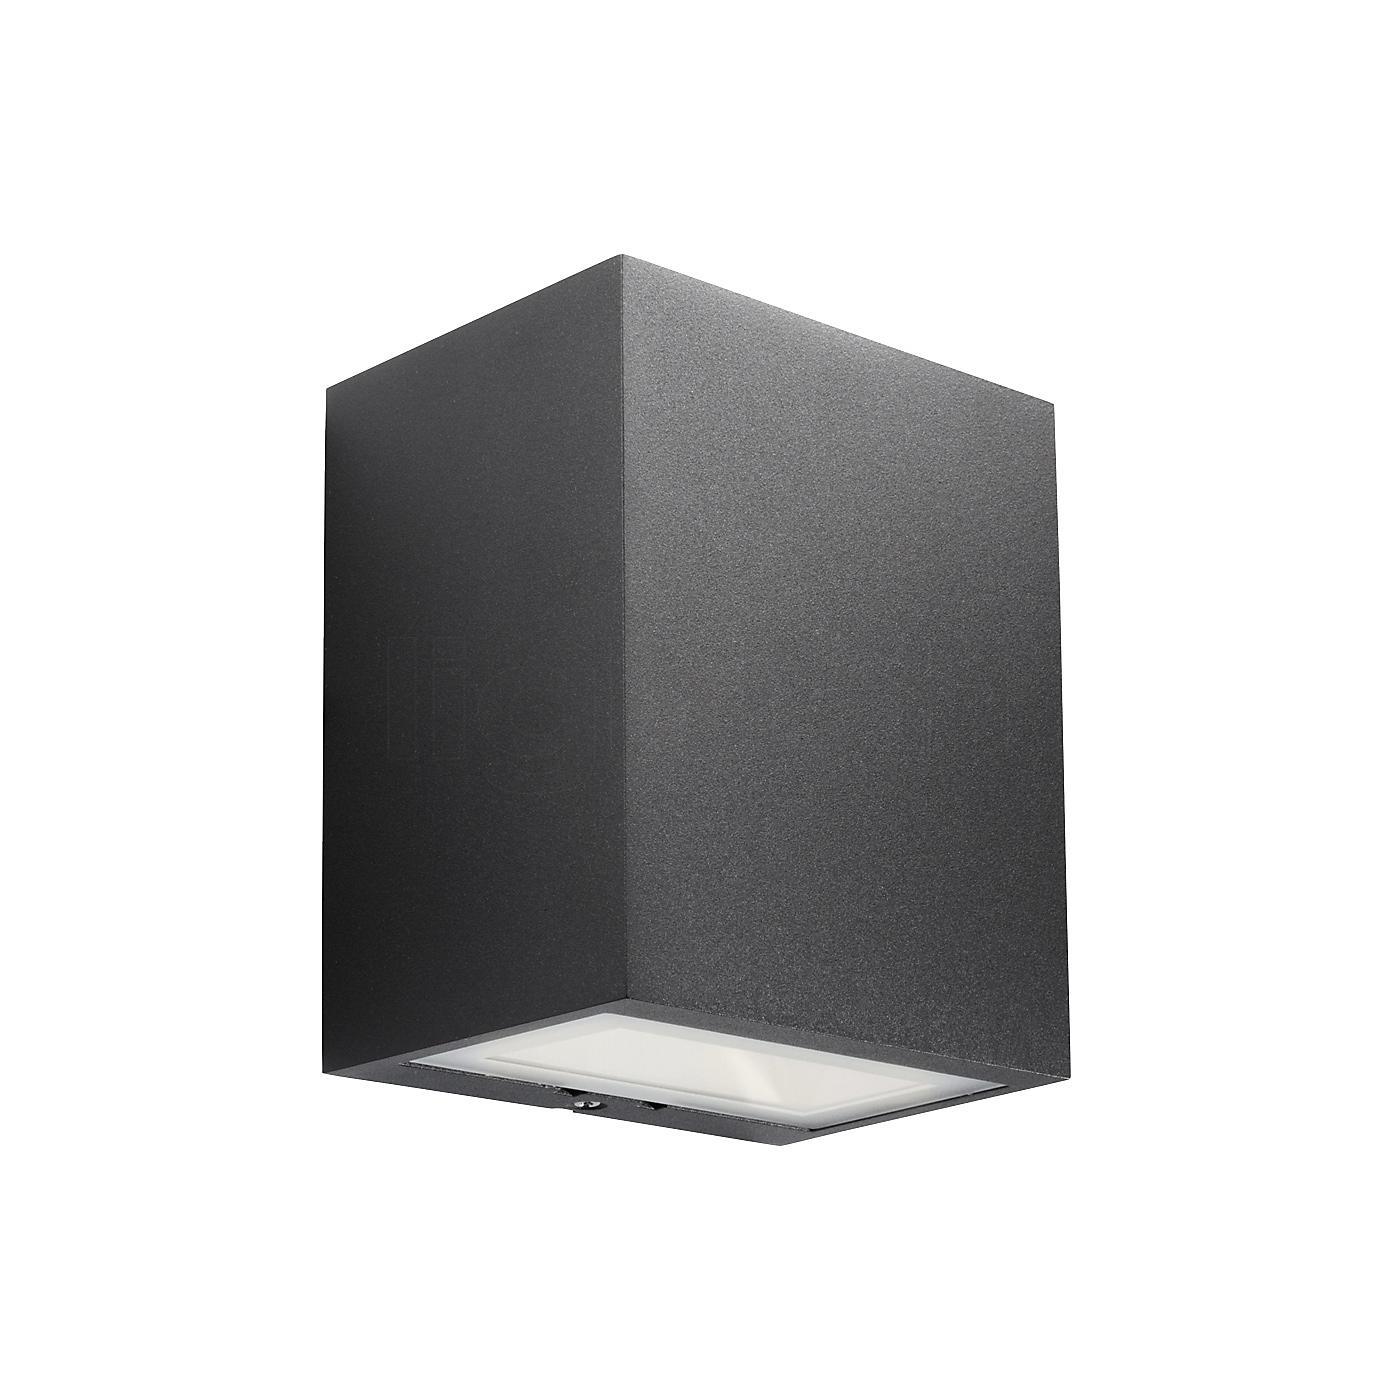 Lampade Esterno Philips : Lampada decorativa philips editor di louis ...